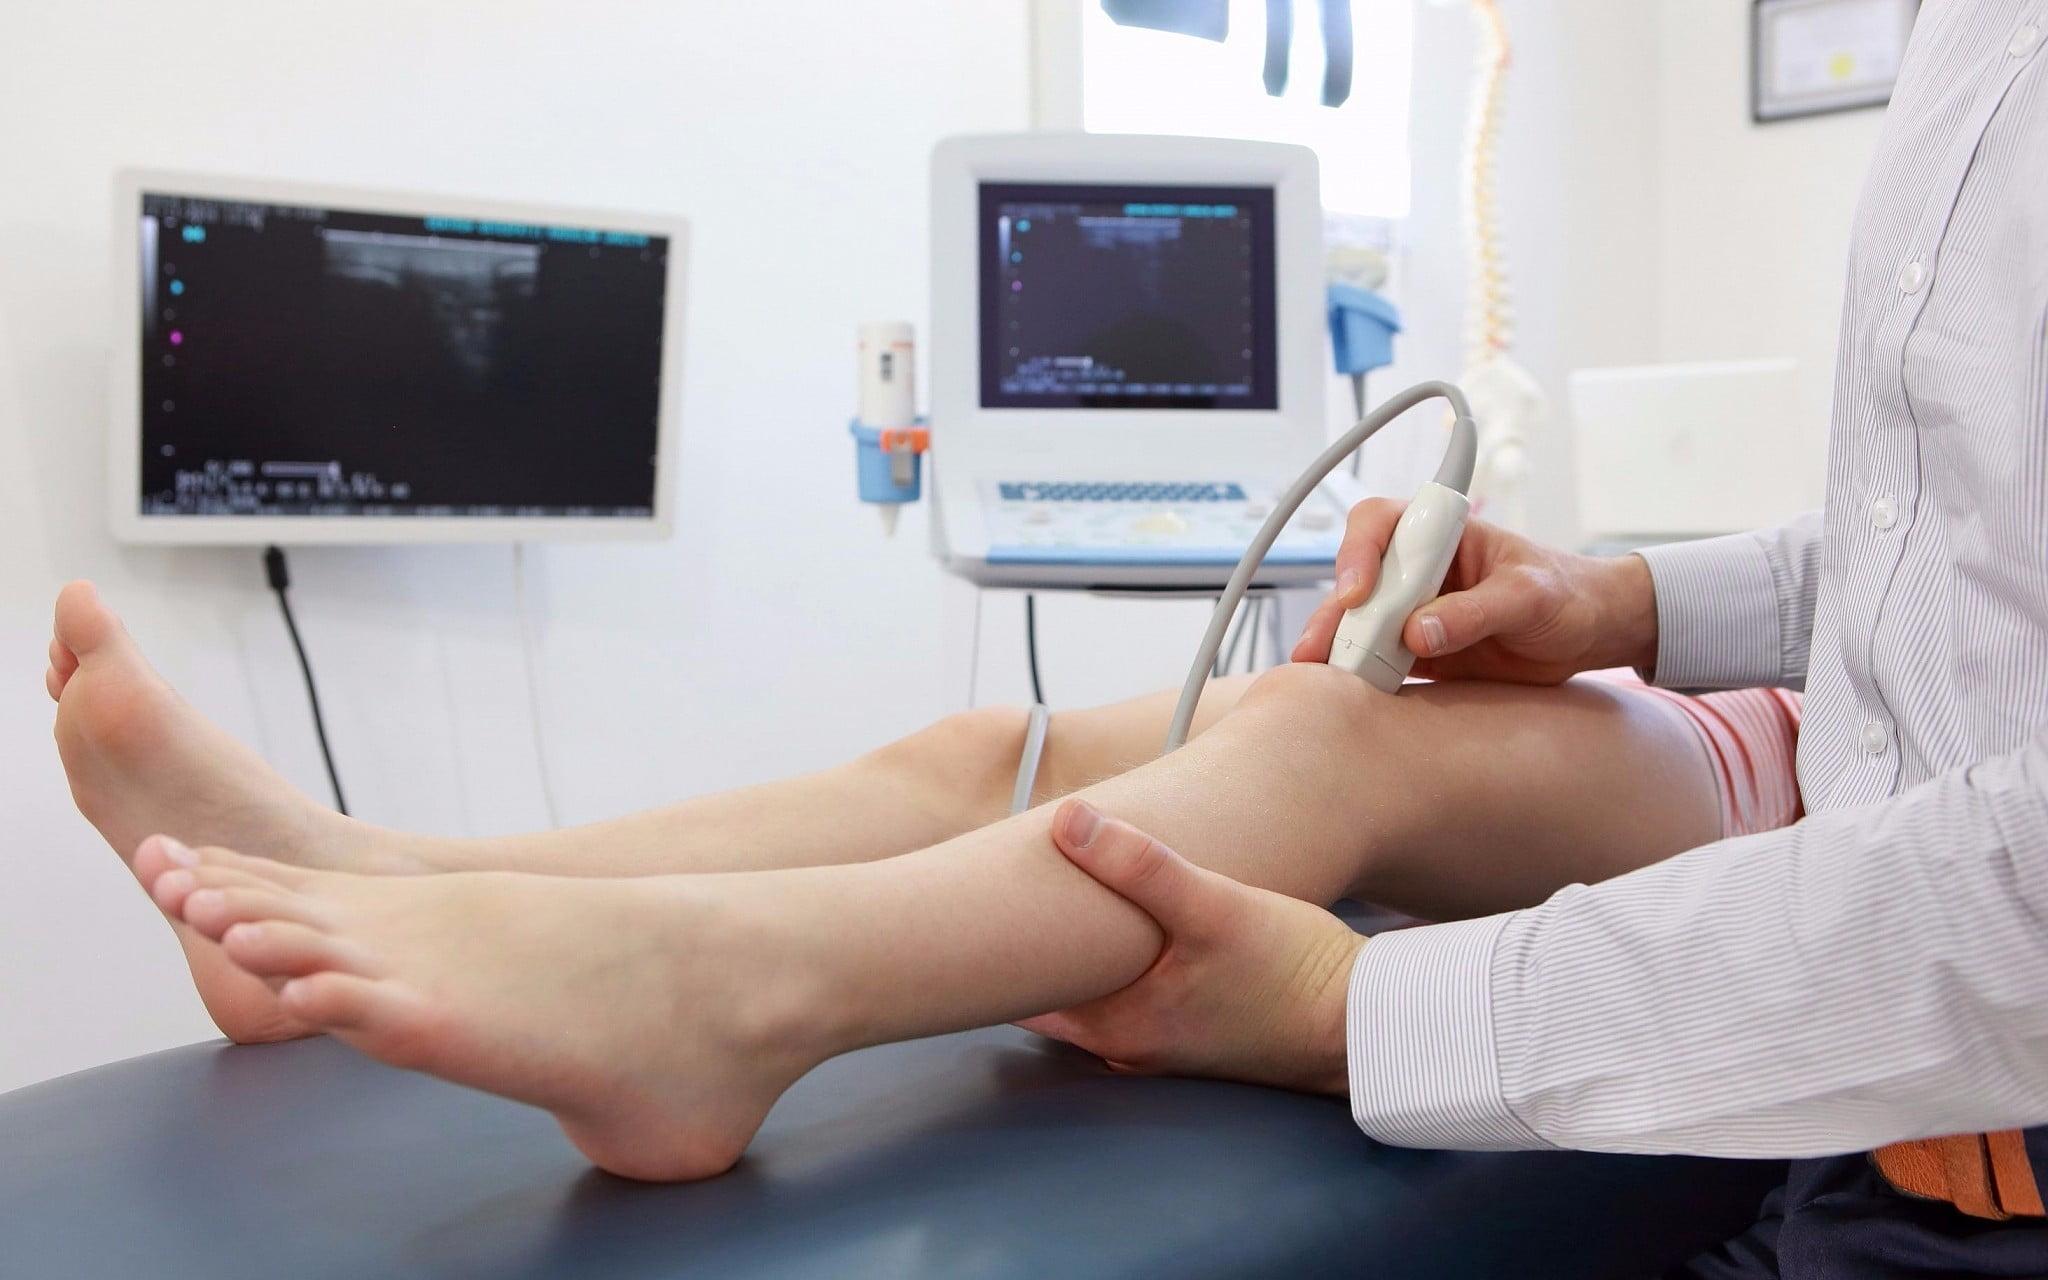 Ультразвуковое дослідження суглобів в МЦ «Полі-Клініка»